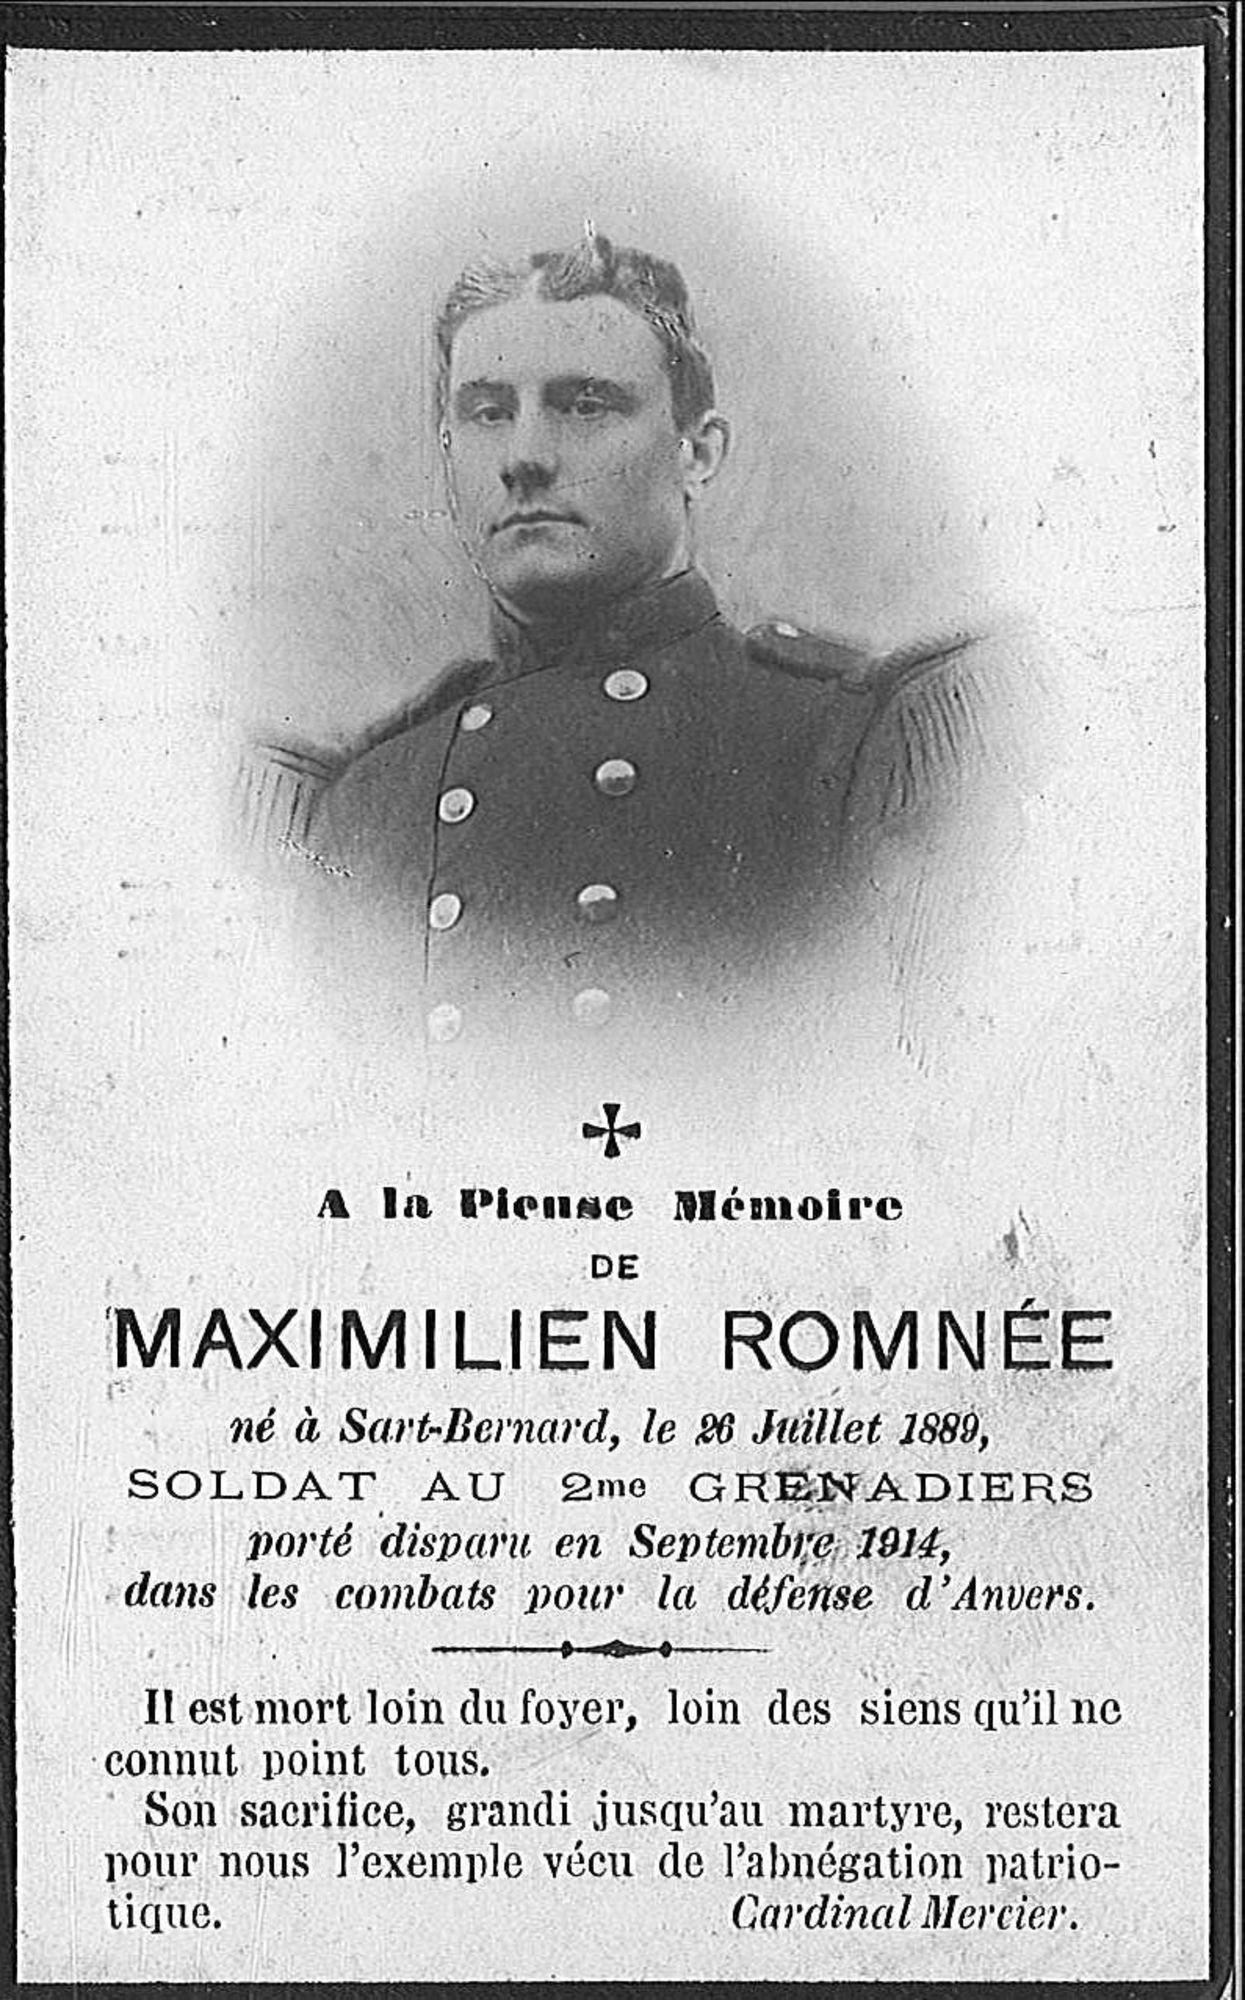 Maximilien Romnée